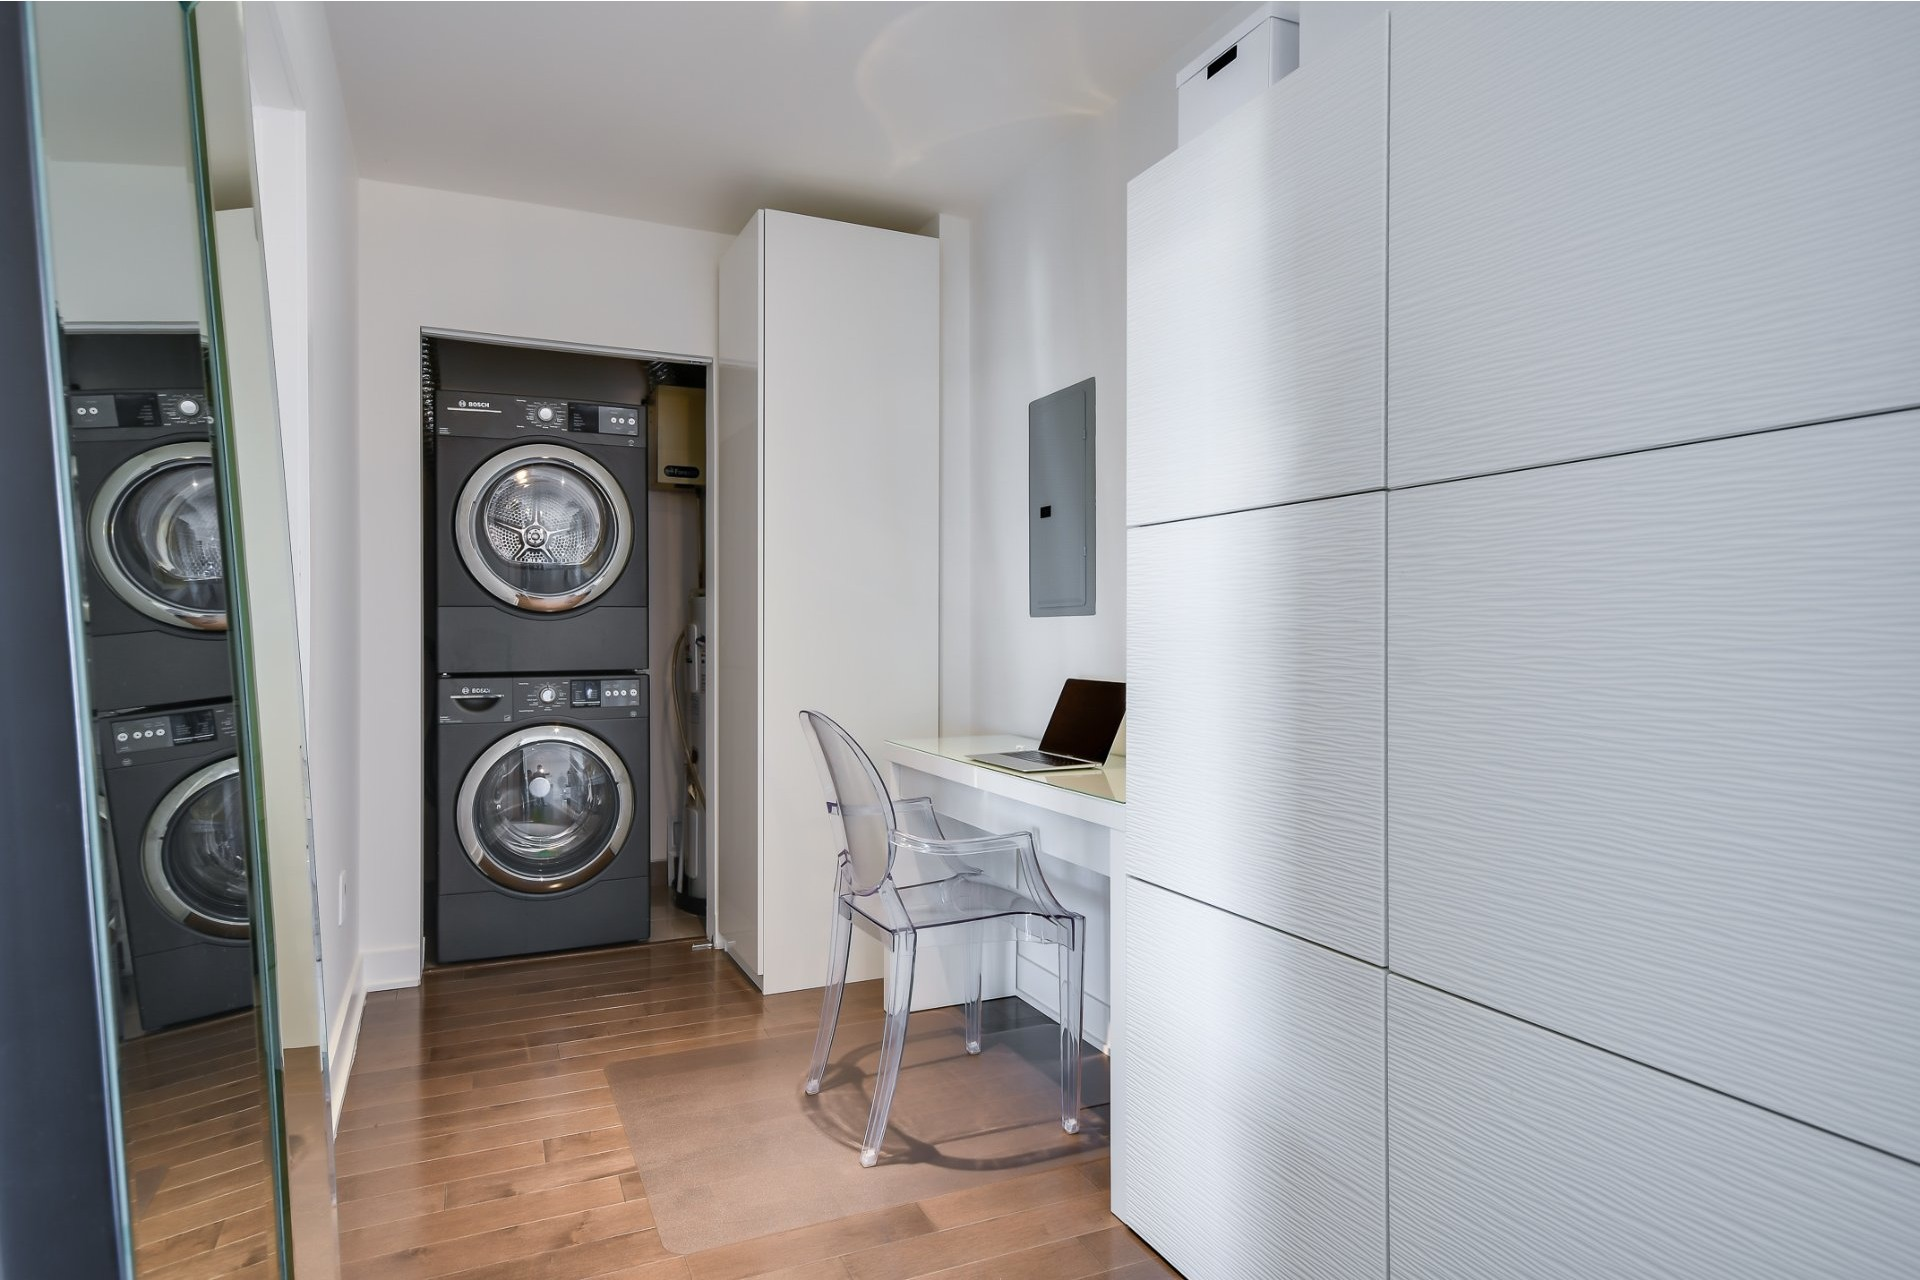 image 7 - Appartement À vendre Rosemont/La Petite-Patrie Montréal  - 4 pièces